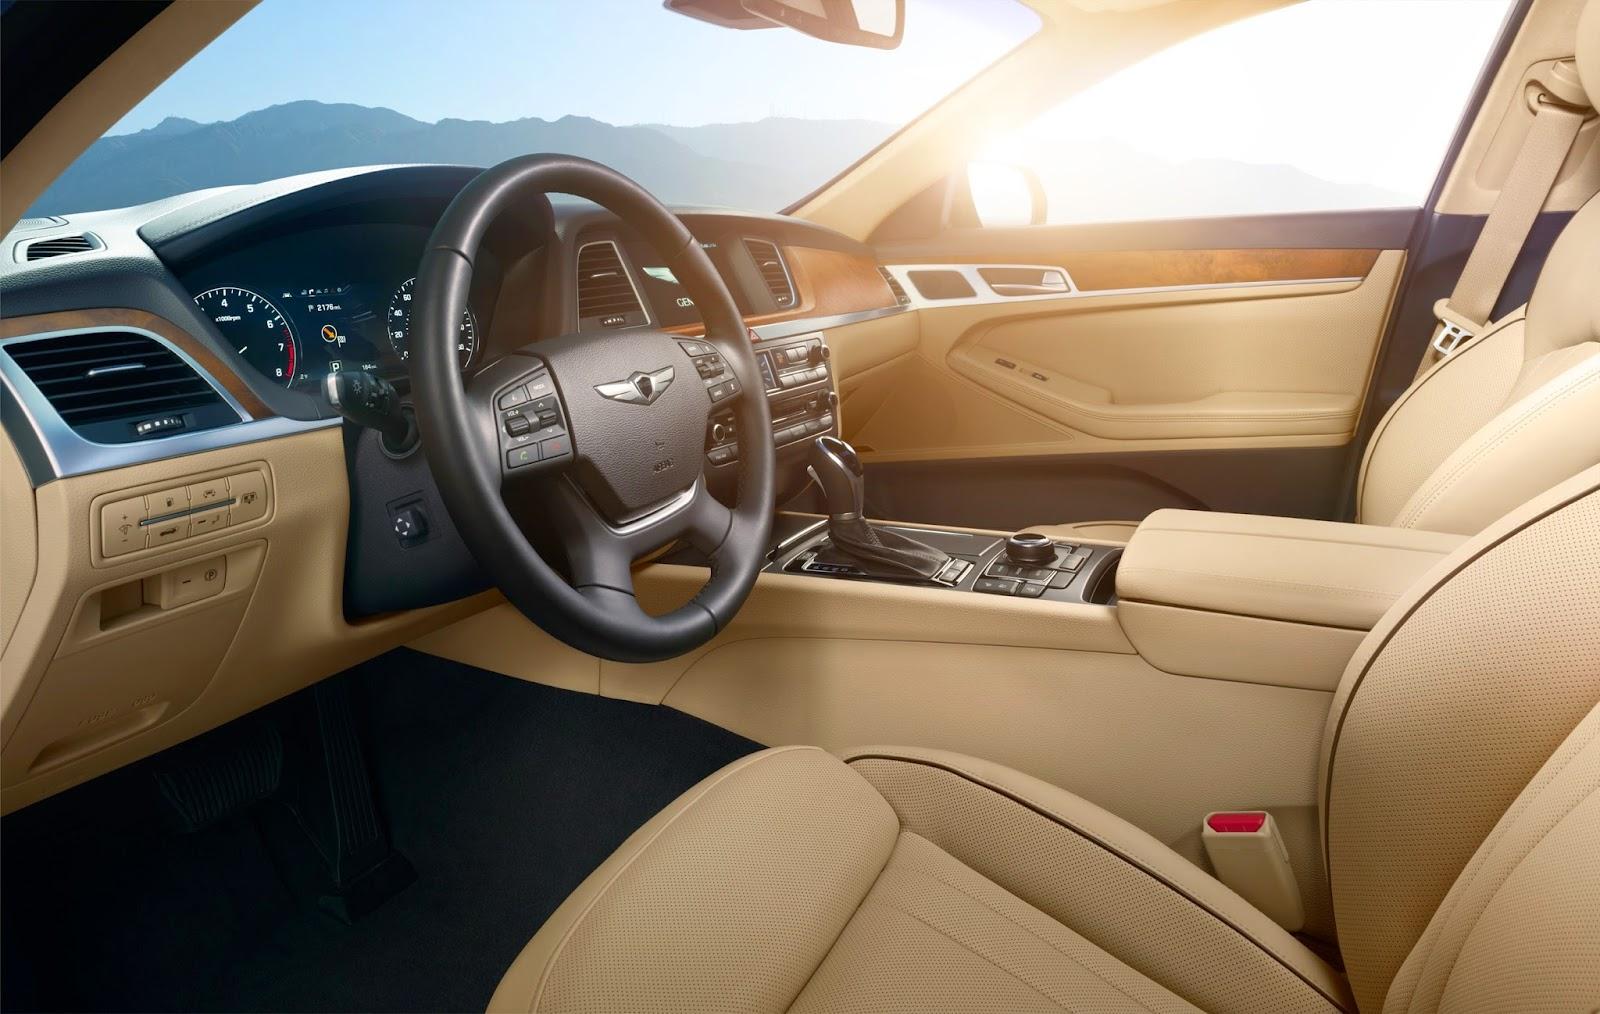 Interior view of 2015 Hyundai Genesis